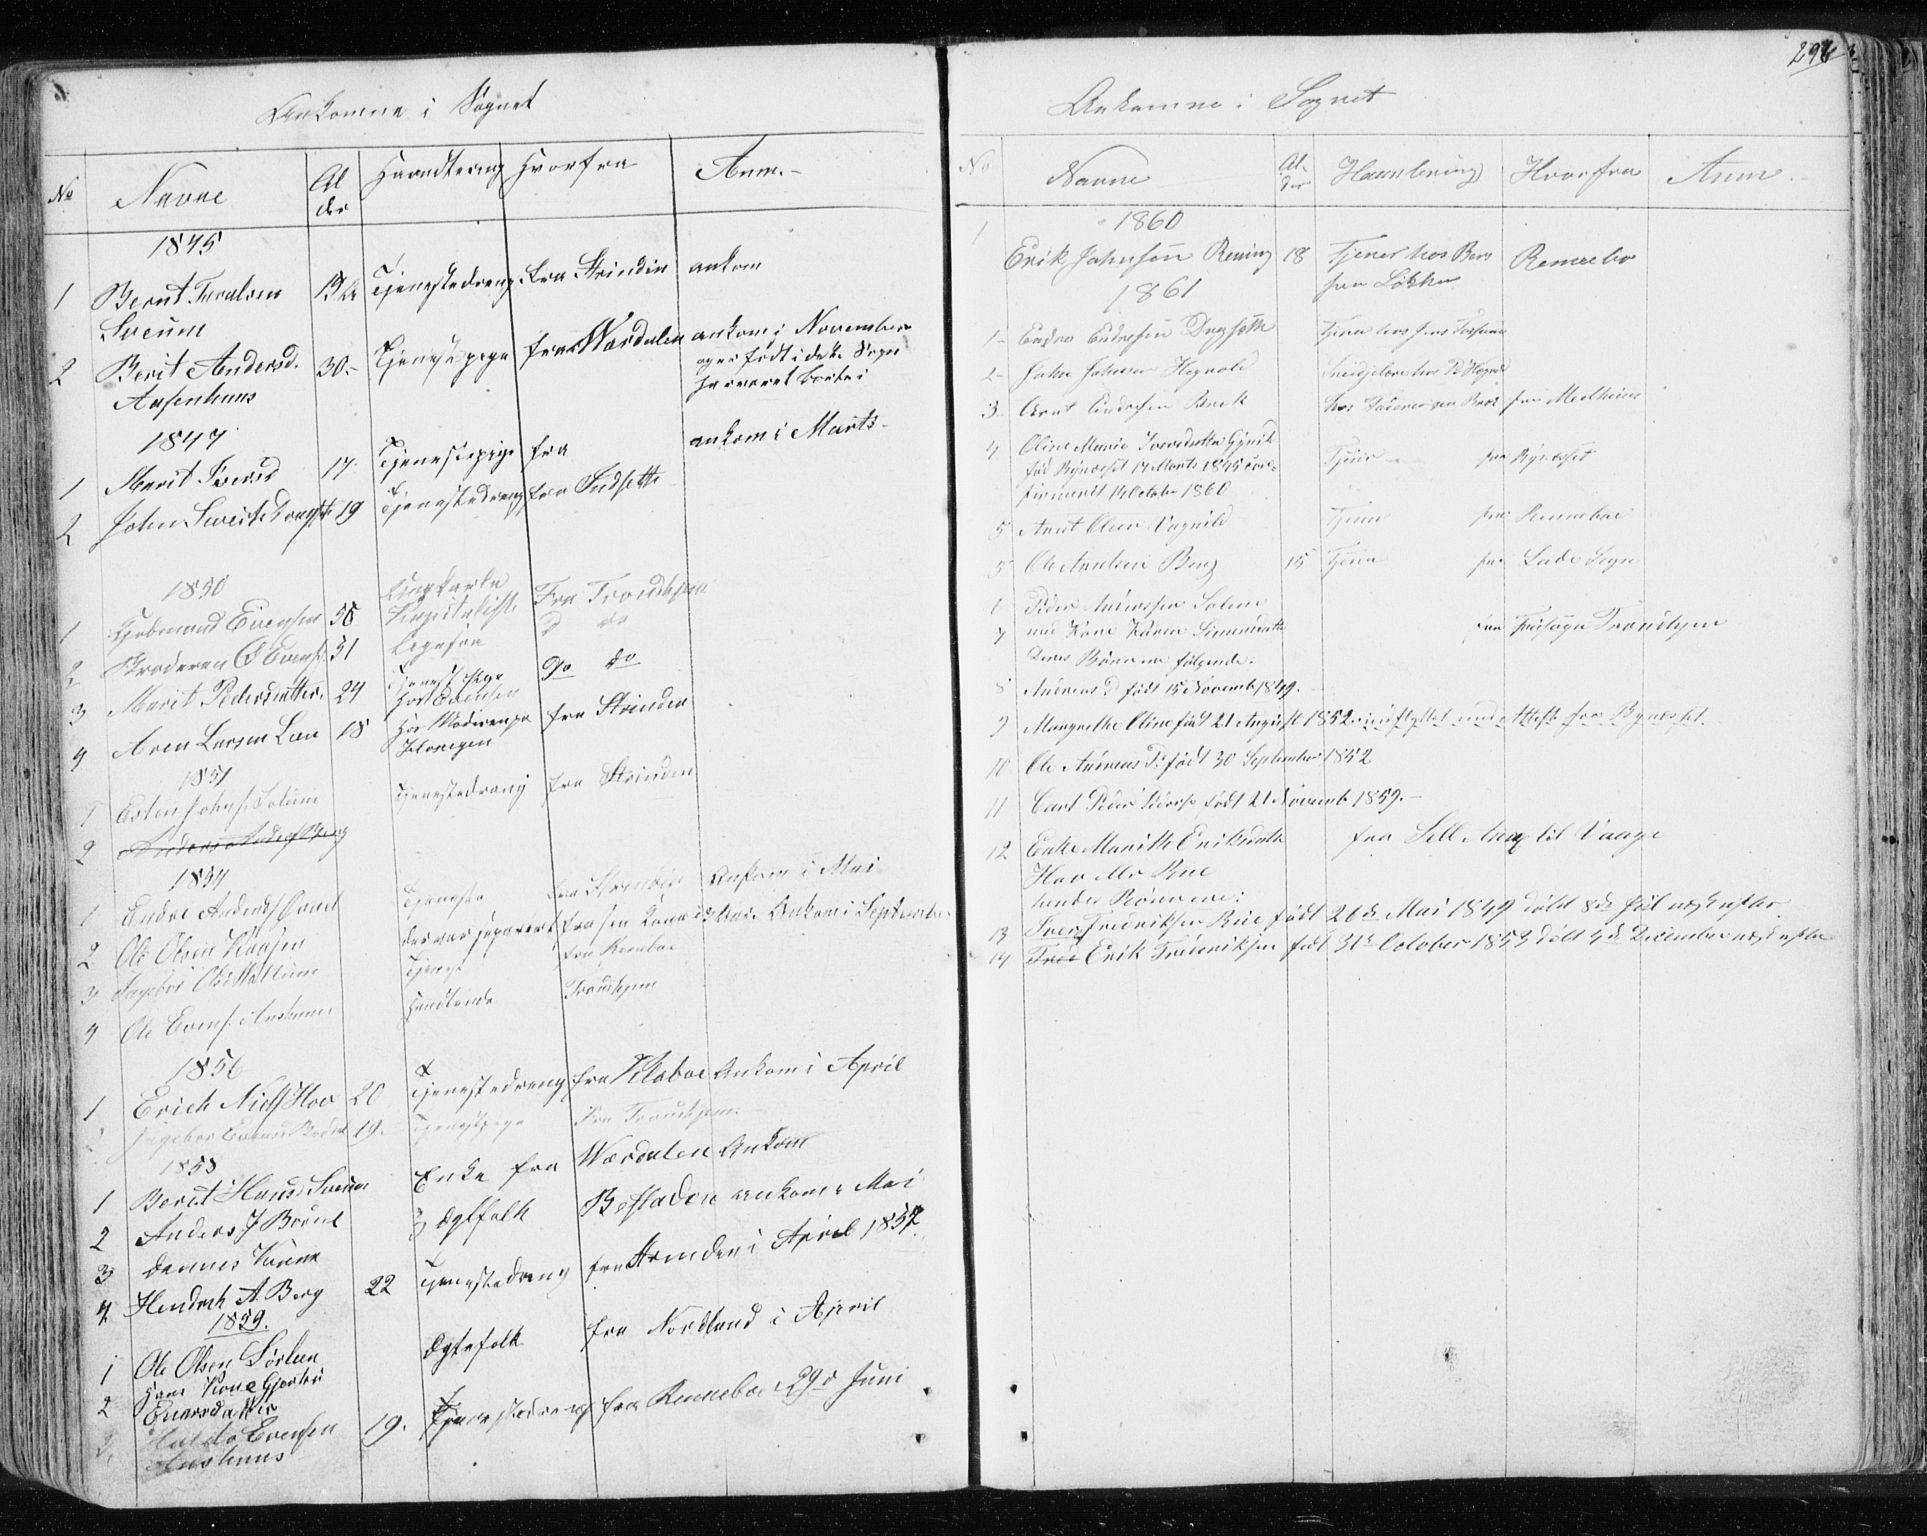 SAT, Ministerialprotokoller, klokkerbøker og fødselsregistre - Sør-Trøndelag, 689/L1043: Klokkerbok nr. 689C02, 1816-1892, s. 297